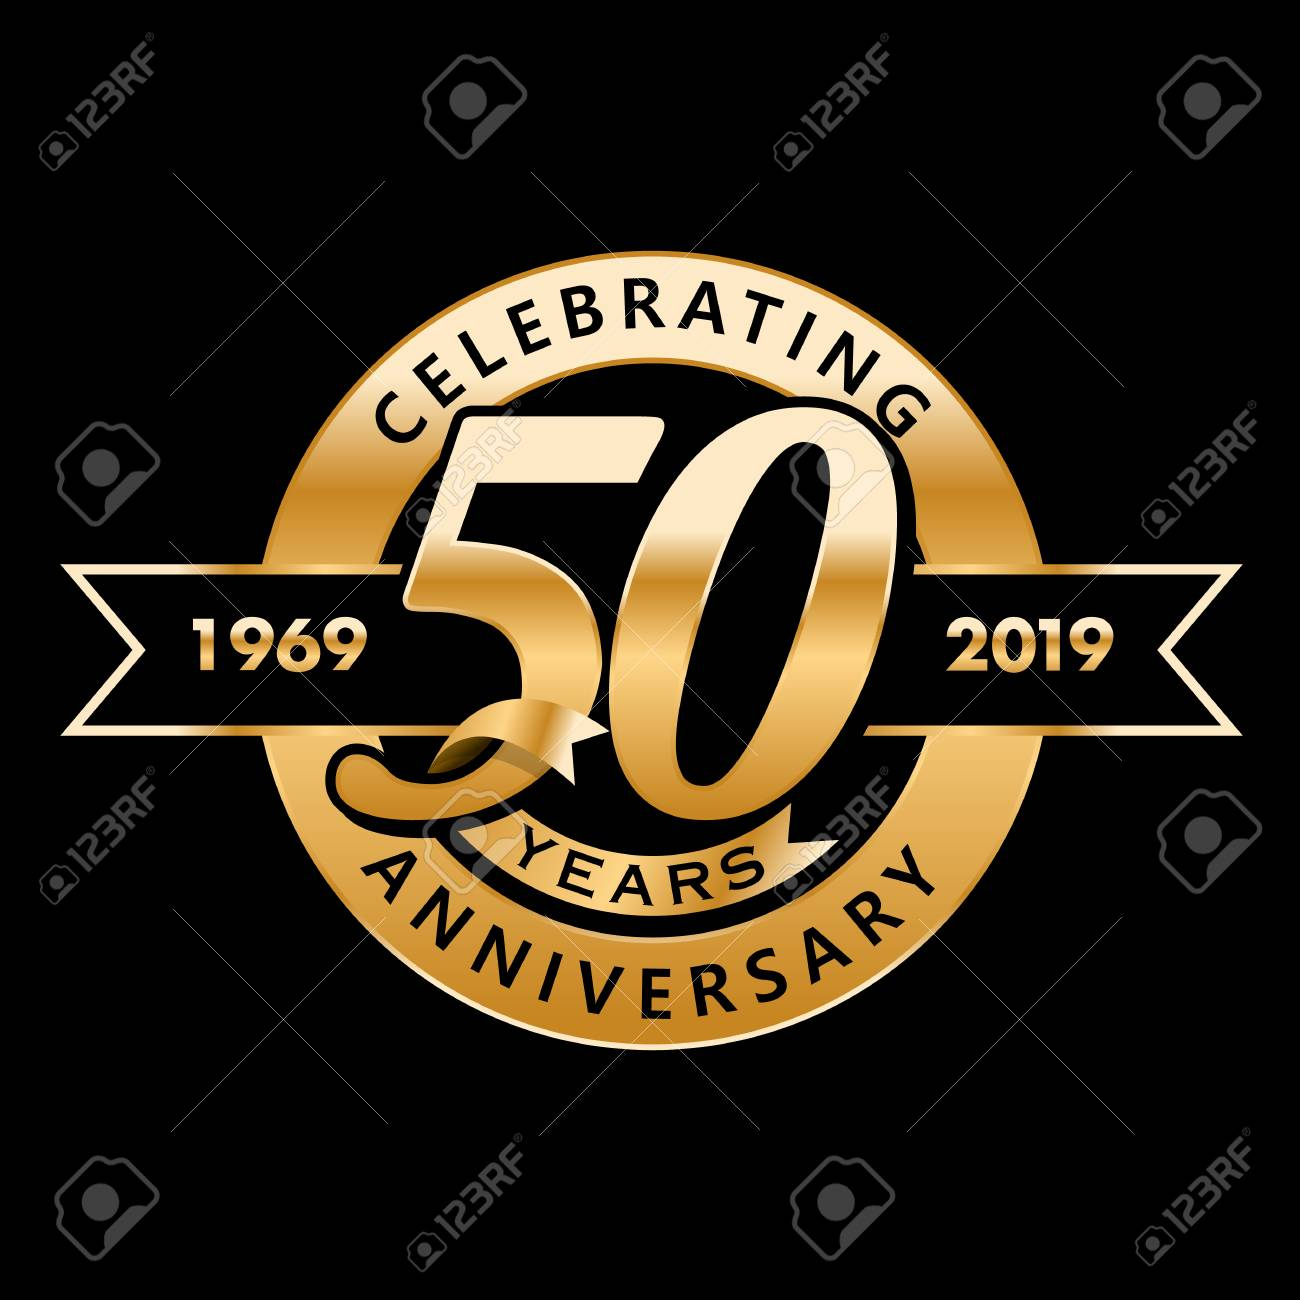 Celebrating 50th Years Anniversary - 121759408